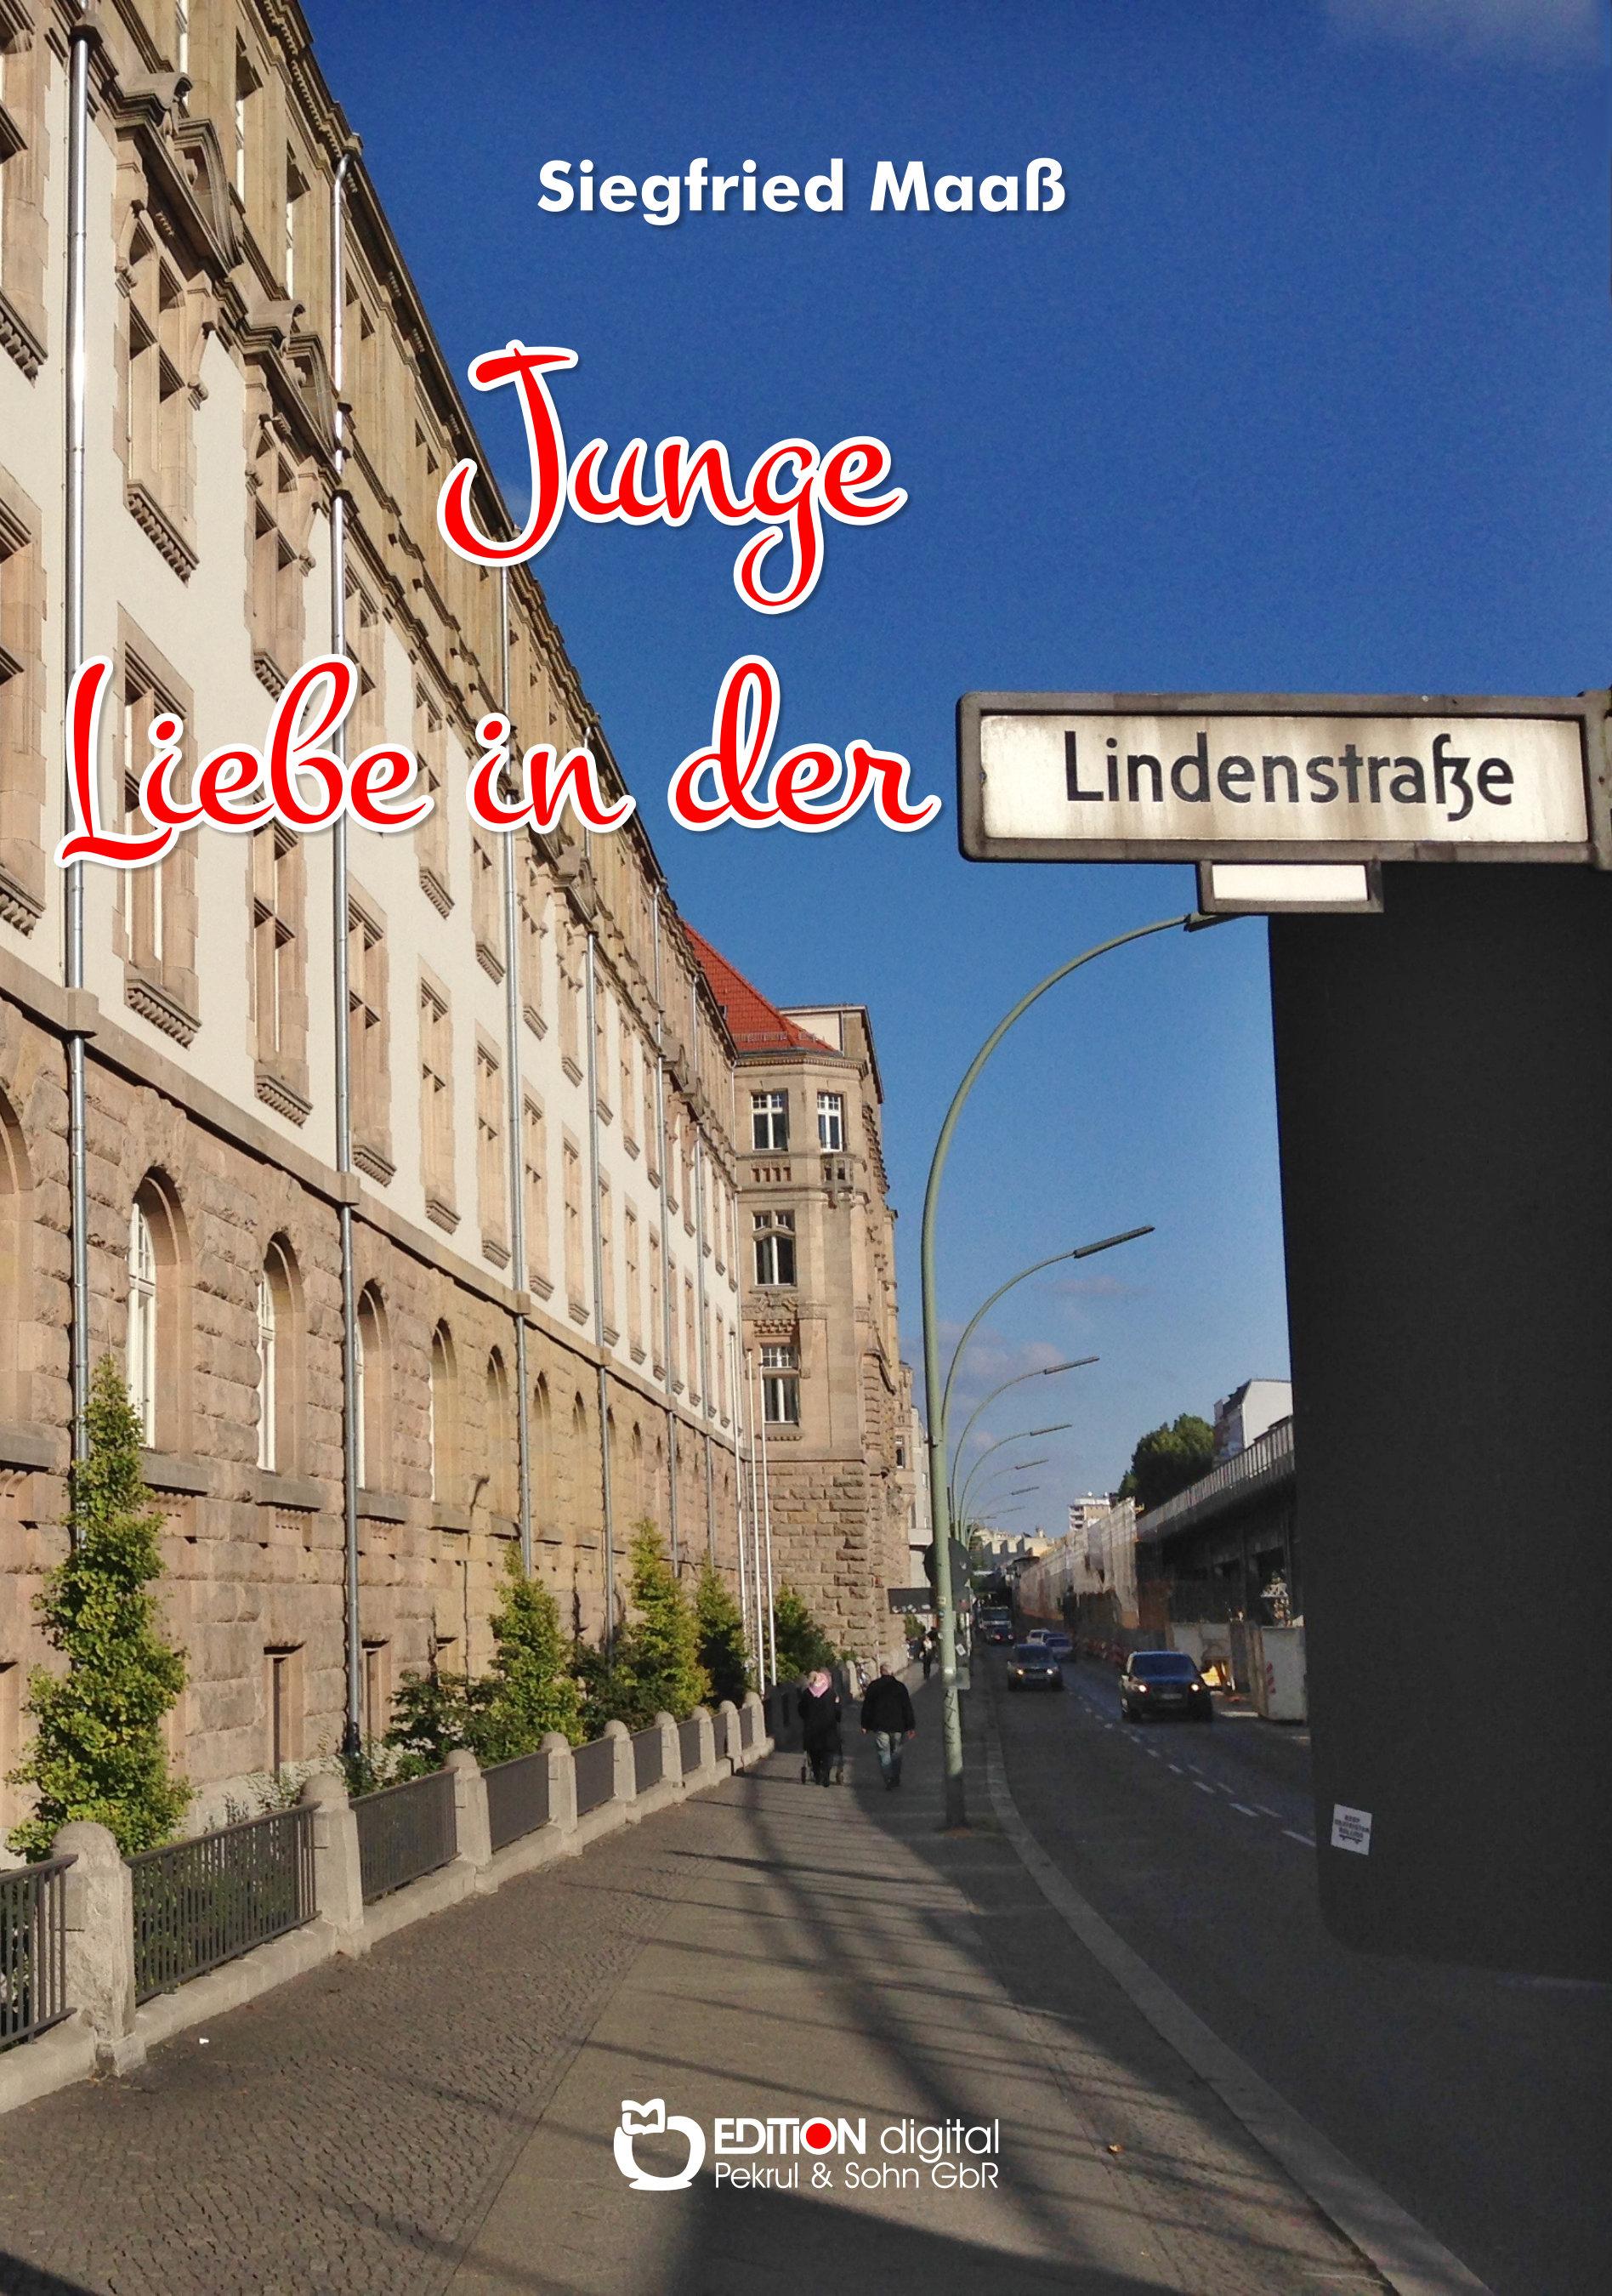 Junge Liebe in der Lindenstraße von Siegfried Maaß